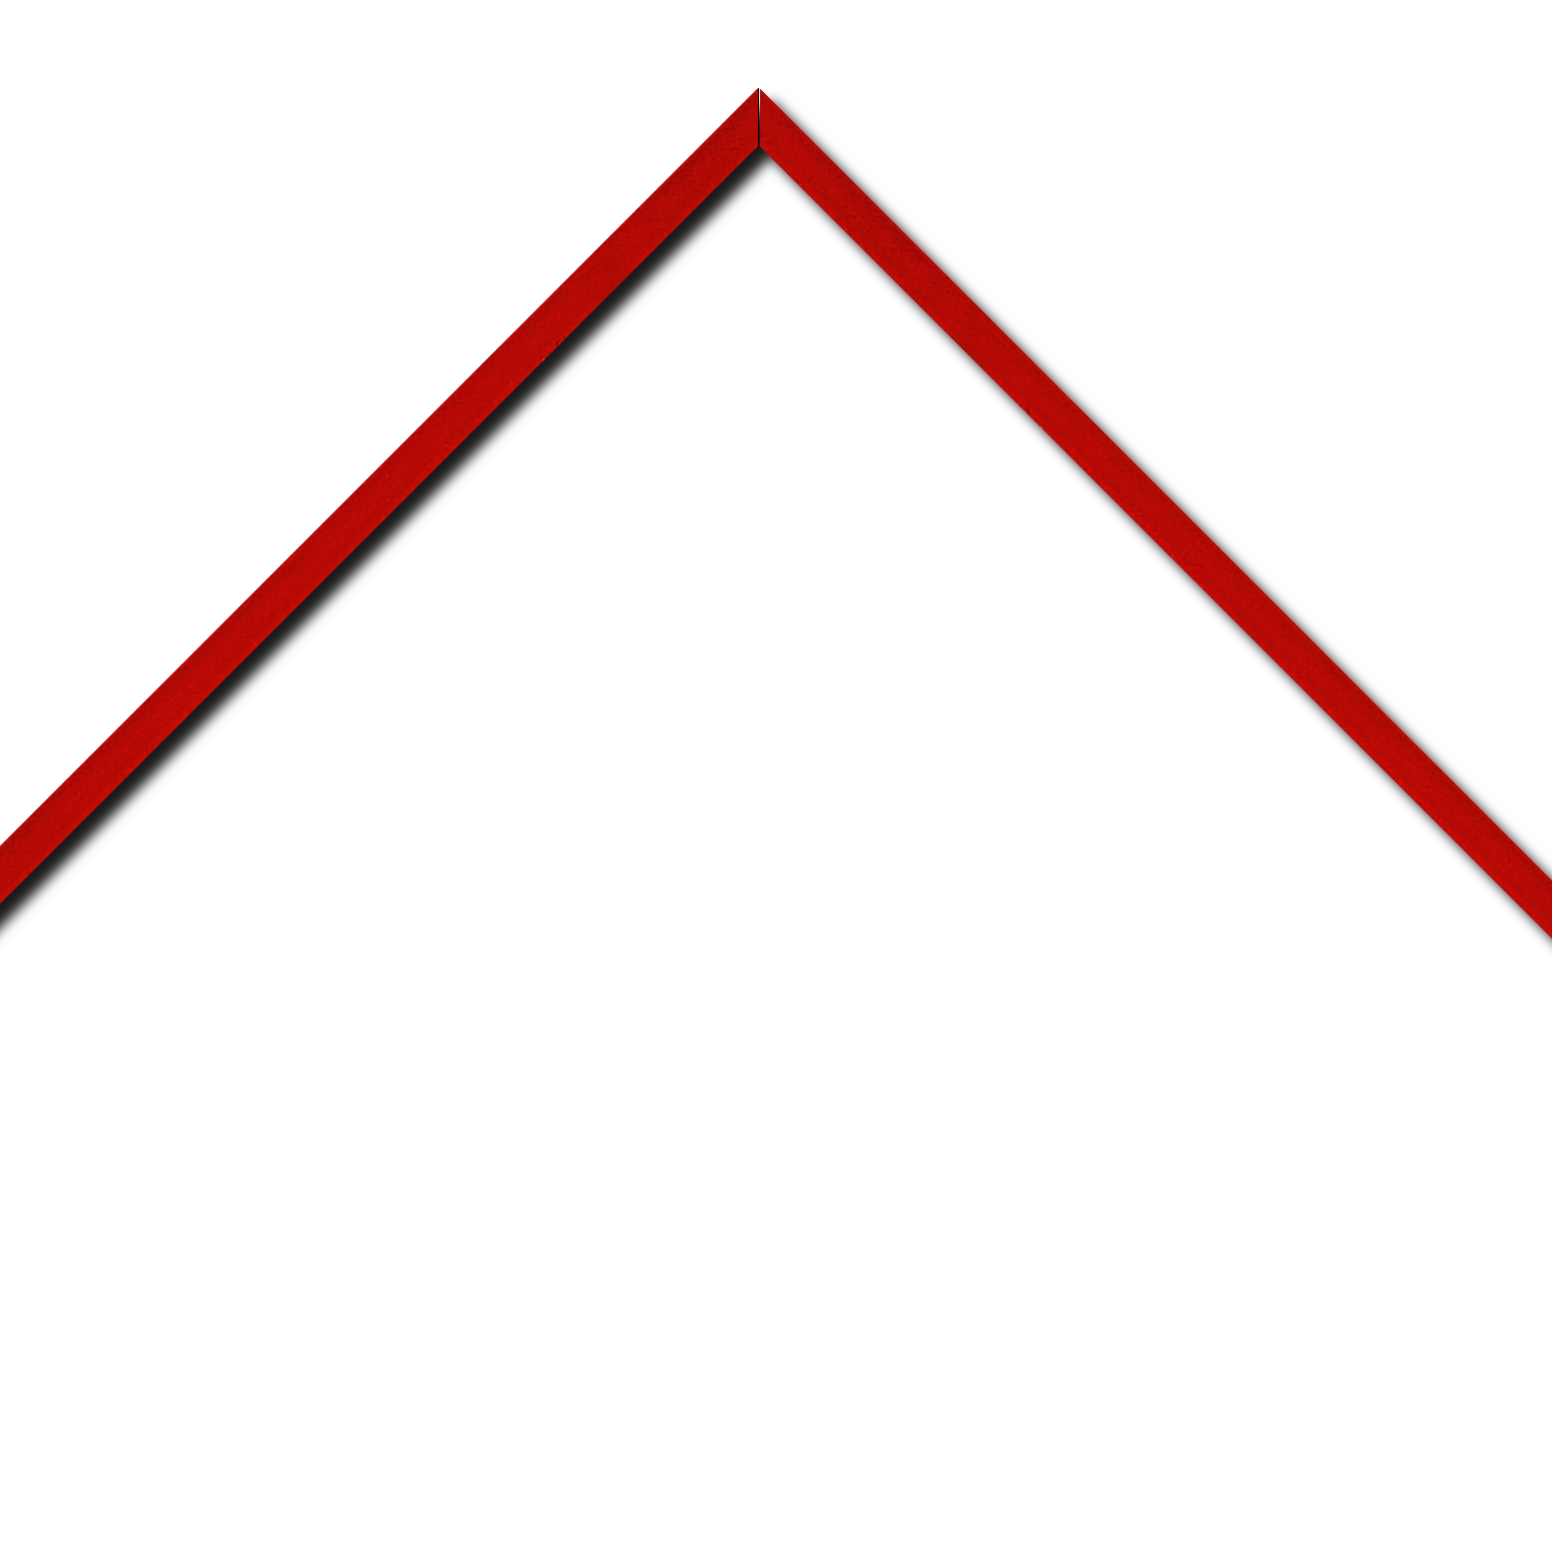 Baguette aluminium profil plat largeur 1cm couleur rouge ferrari satiné (mise en place du sujet très rapide et très simple,sans démontage du cadre car angles sertis ) encadrement livré monté prêt à l'emploi (cadre fabriqué à vos mesures dans nos ateliers de besançon)